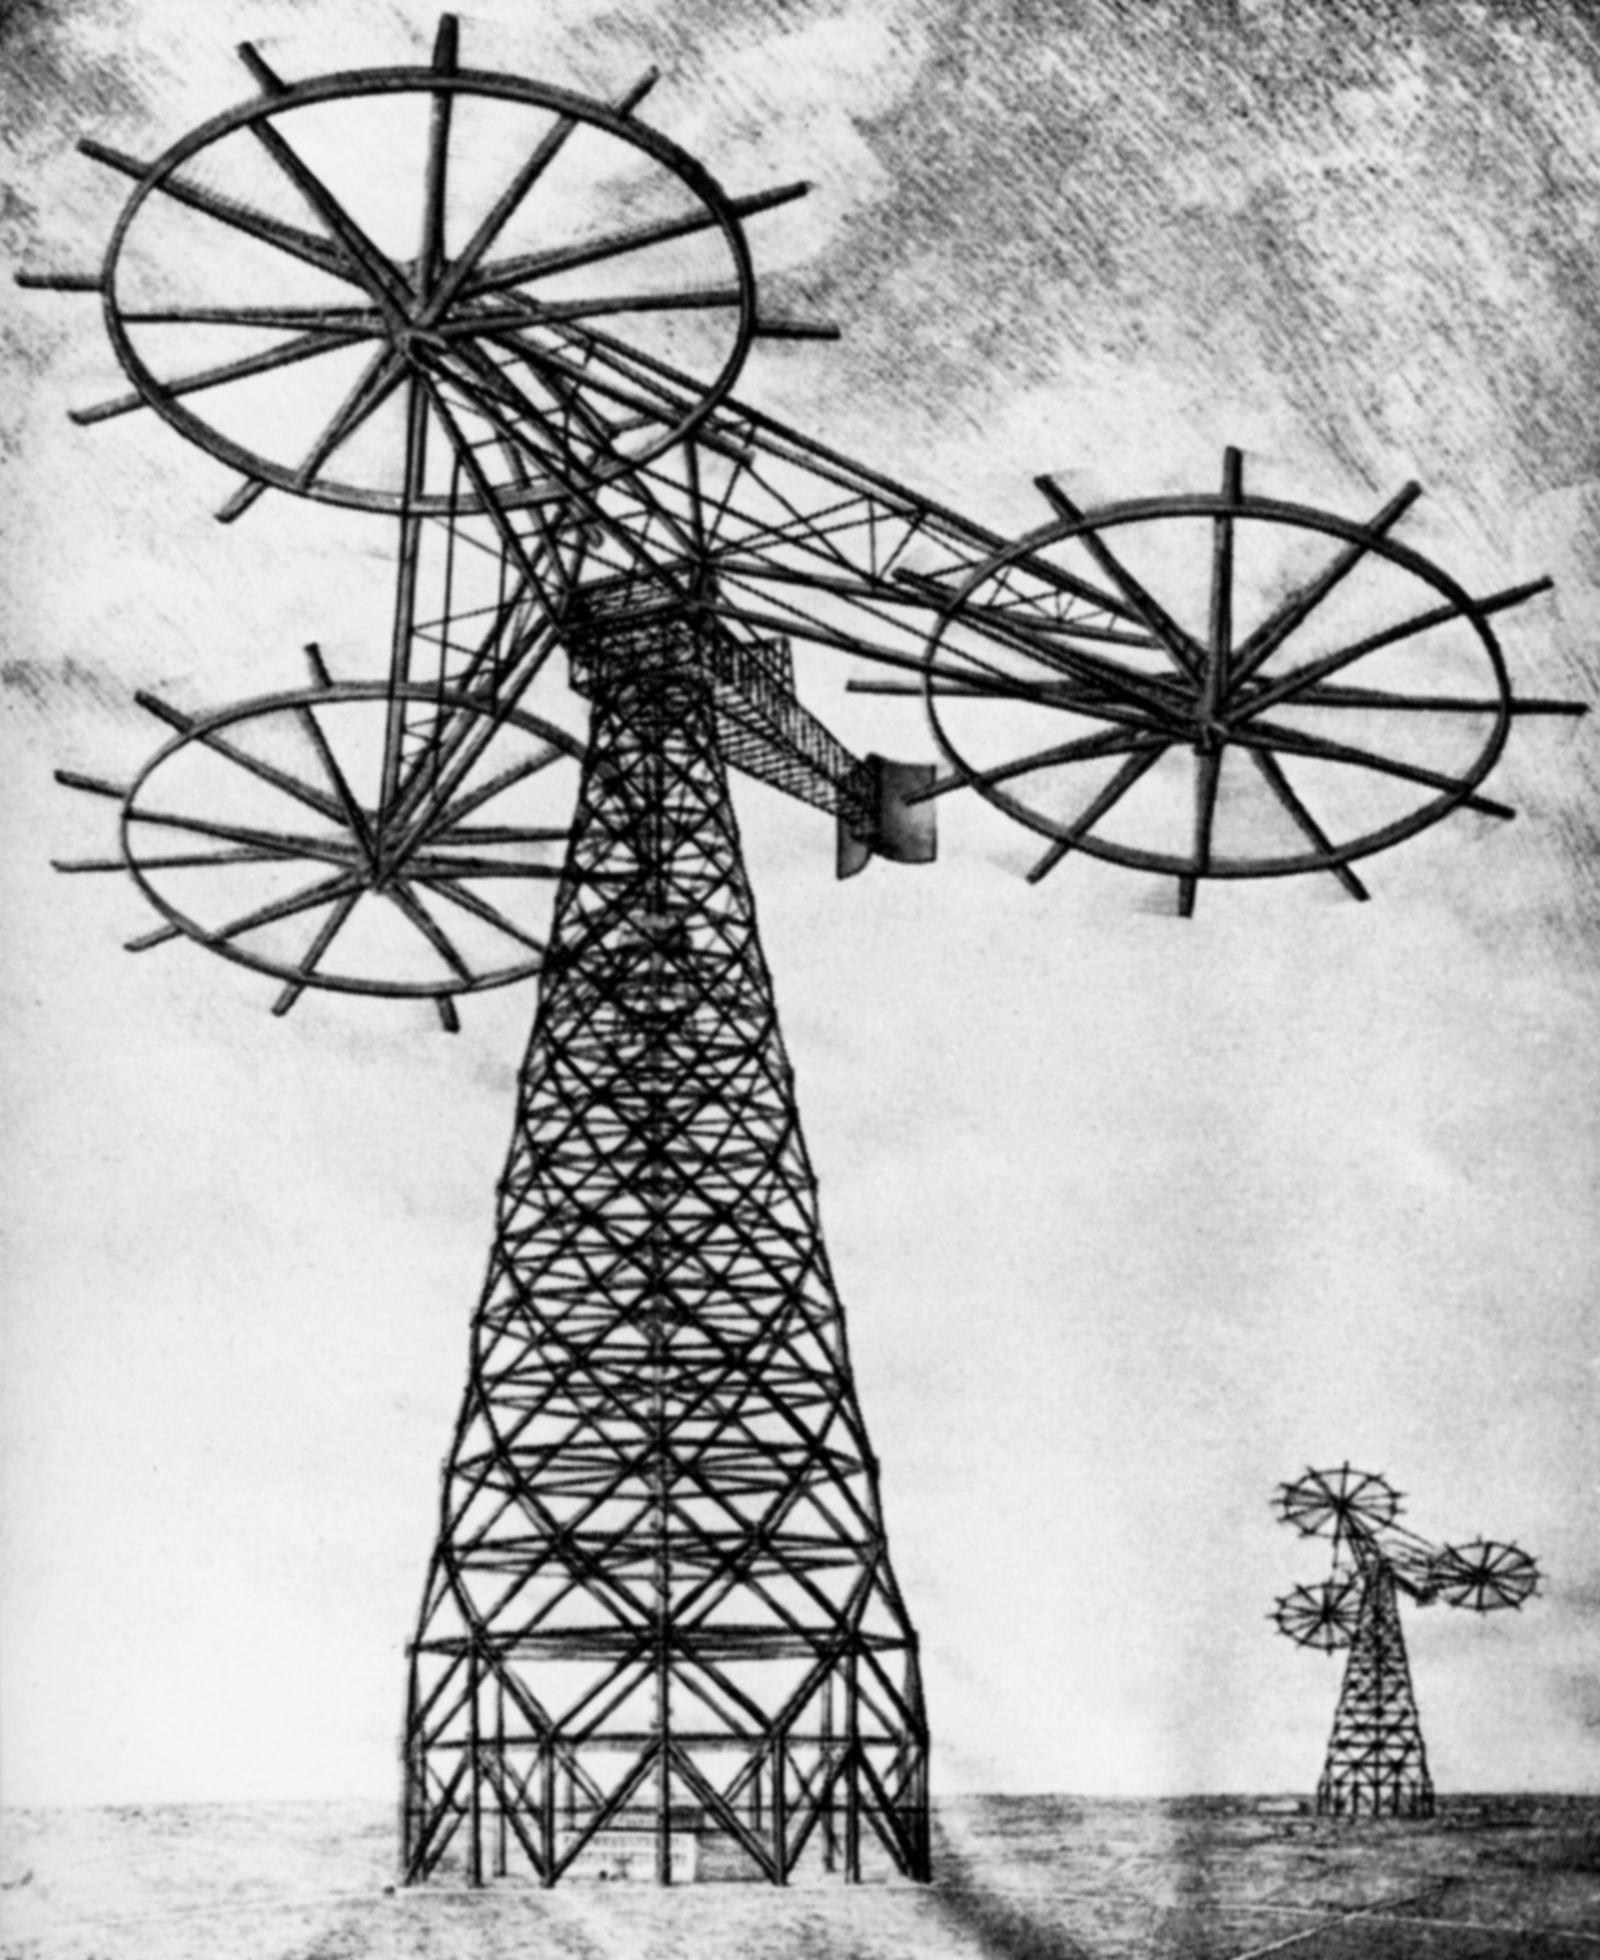 Windkraft Pioniere - Windturbinen entwickelt von Hermann Honnef